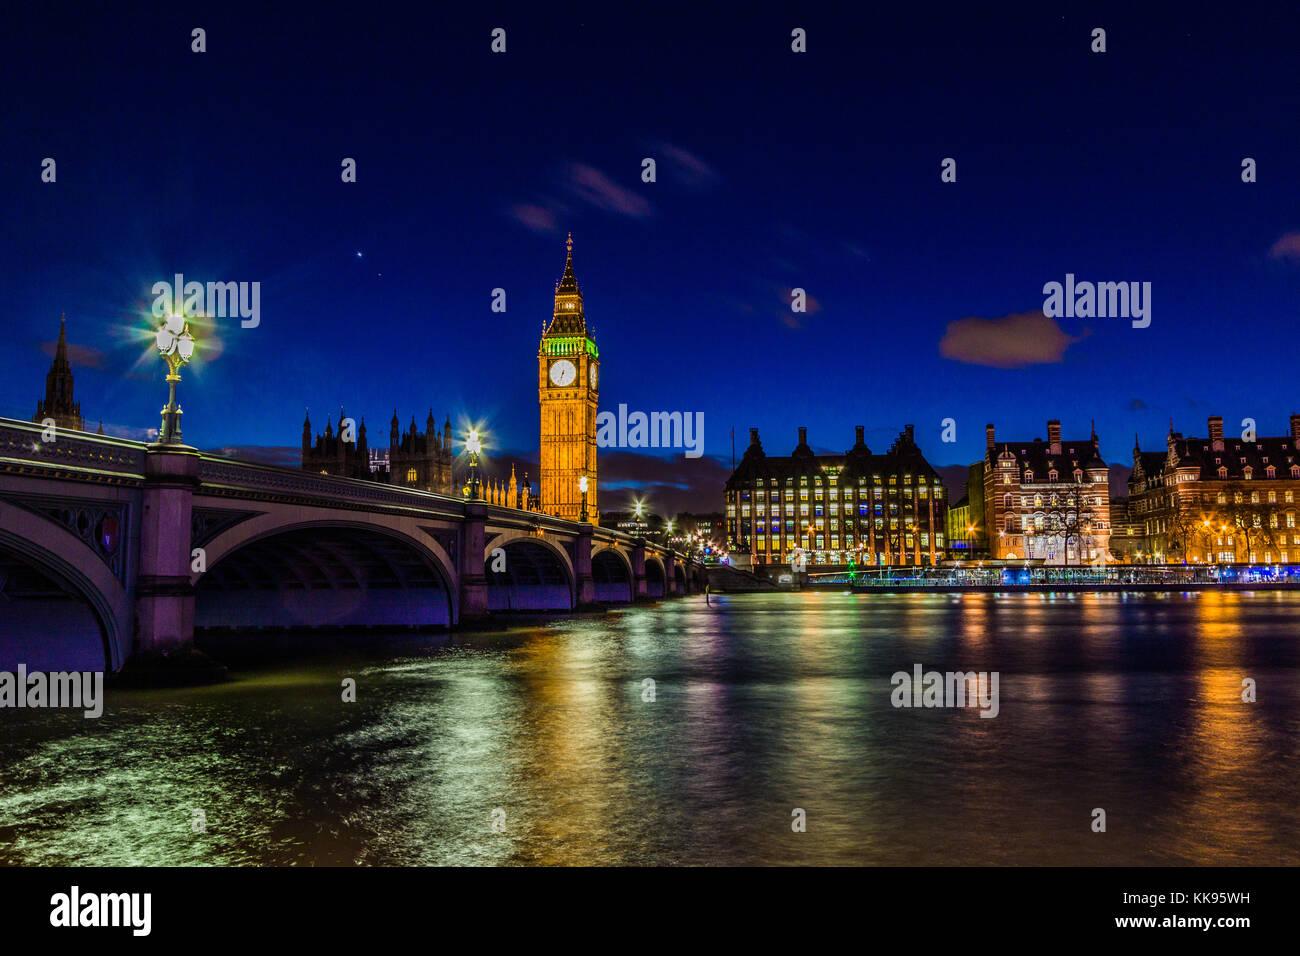 Famosos, Big Ben, la torre del reloj en la noche tomada desde el lado sur del río Támesis en Londres. Imagen De Stock